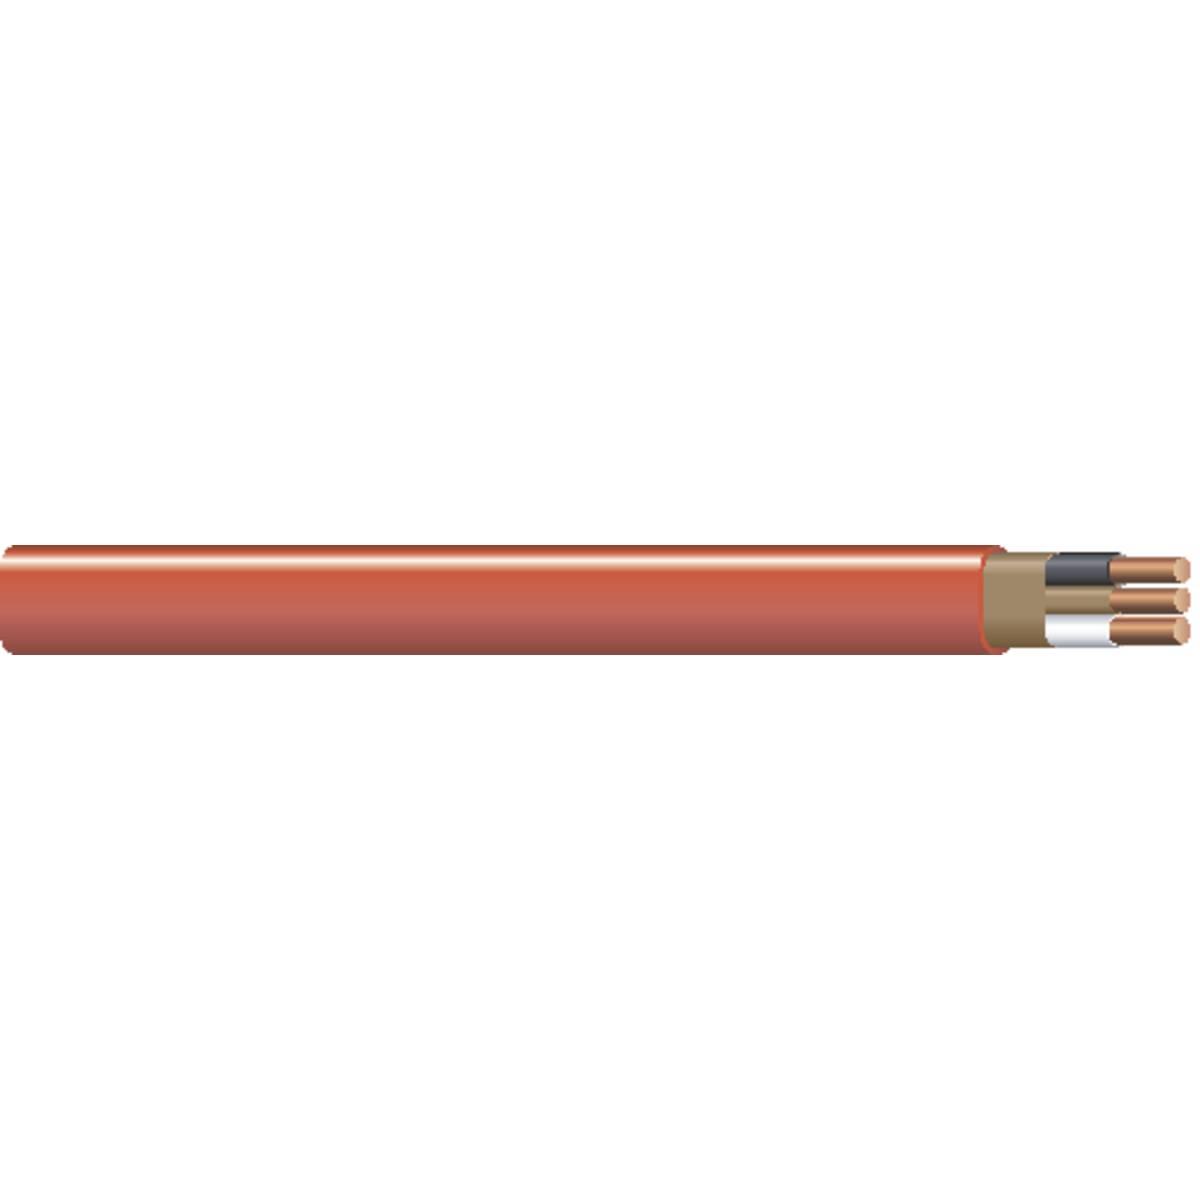 SOU 47176304 10-2 NMD-90 CU WIRE